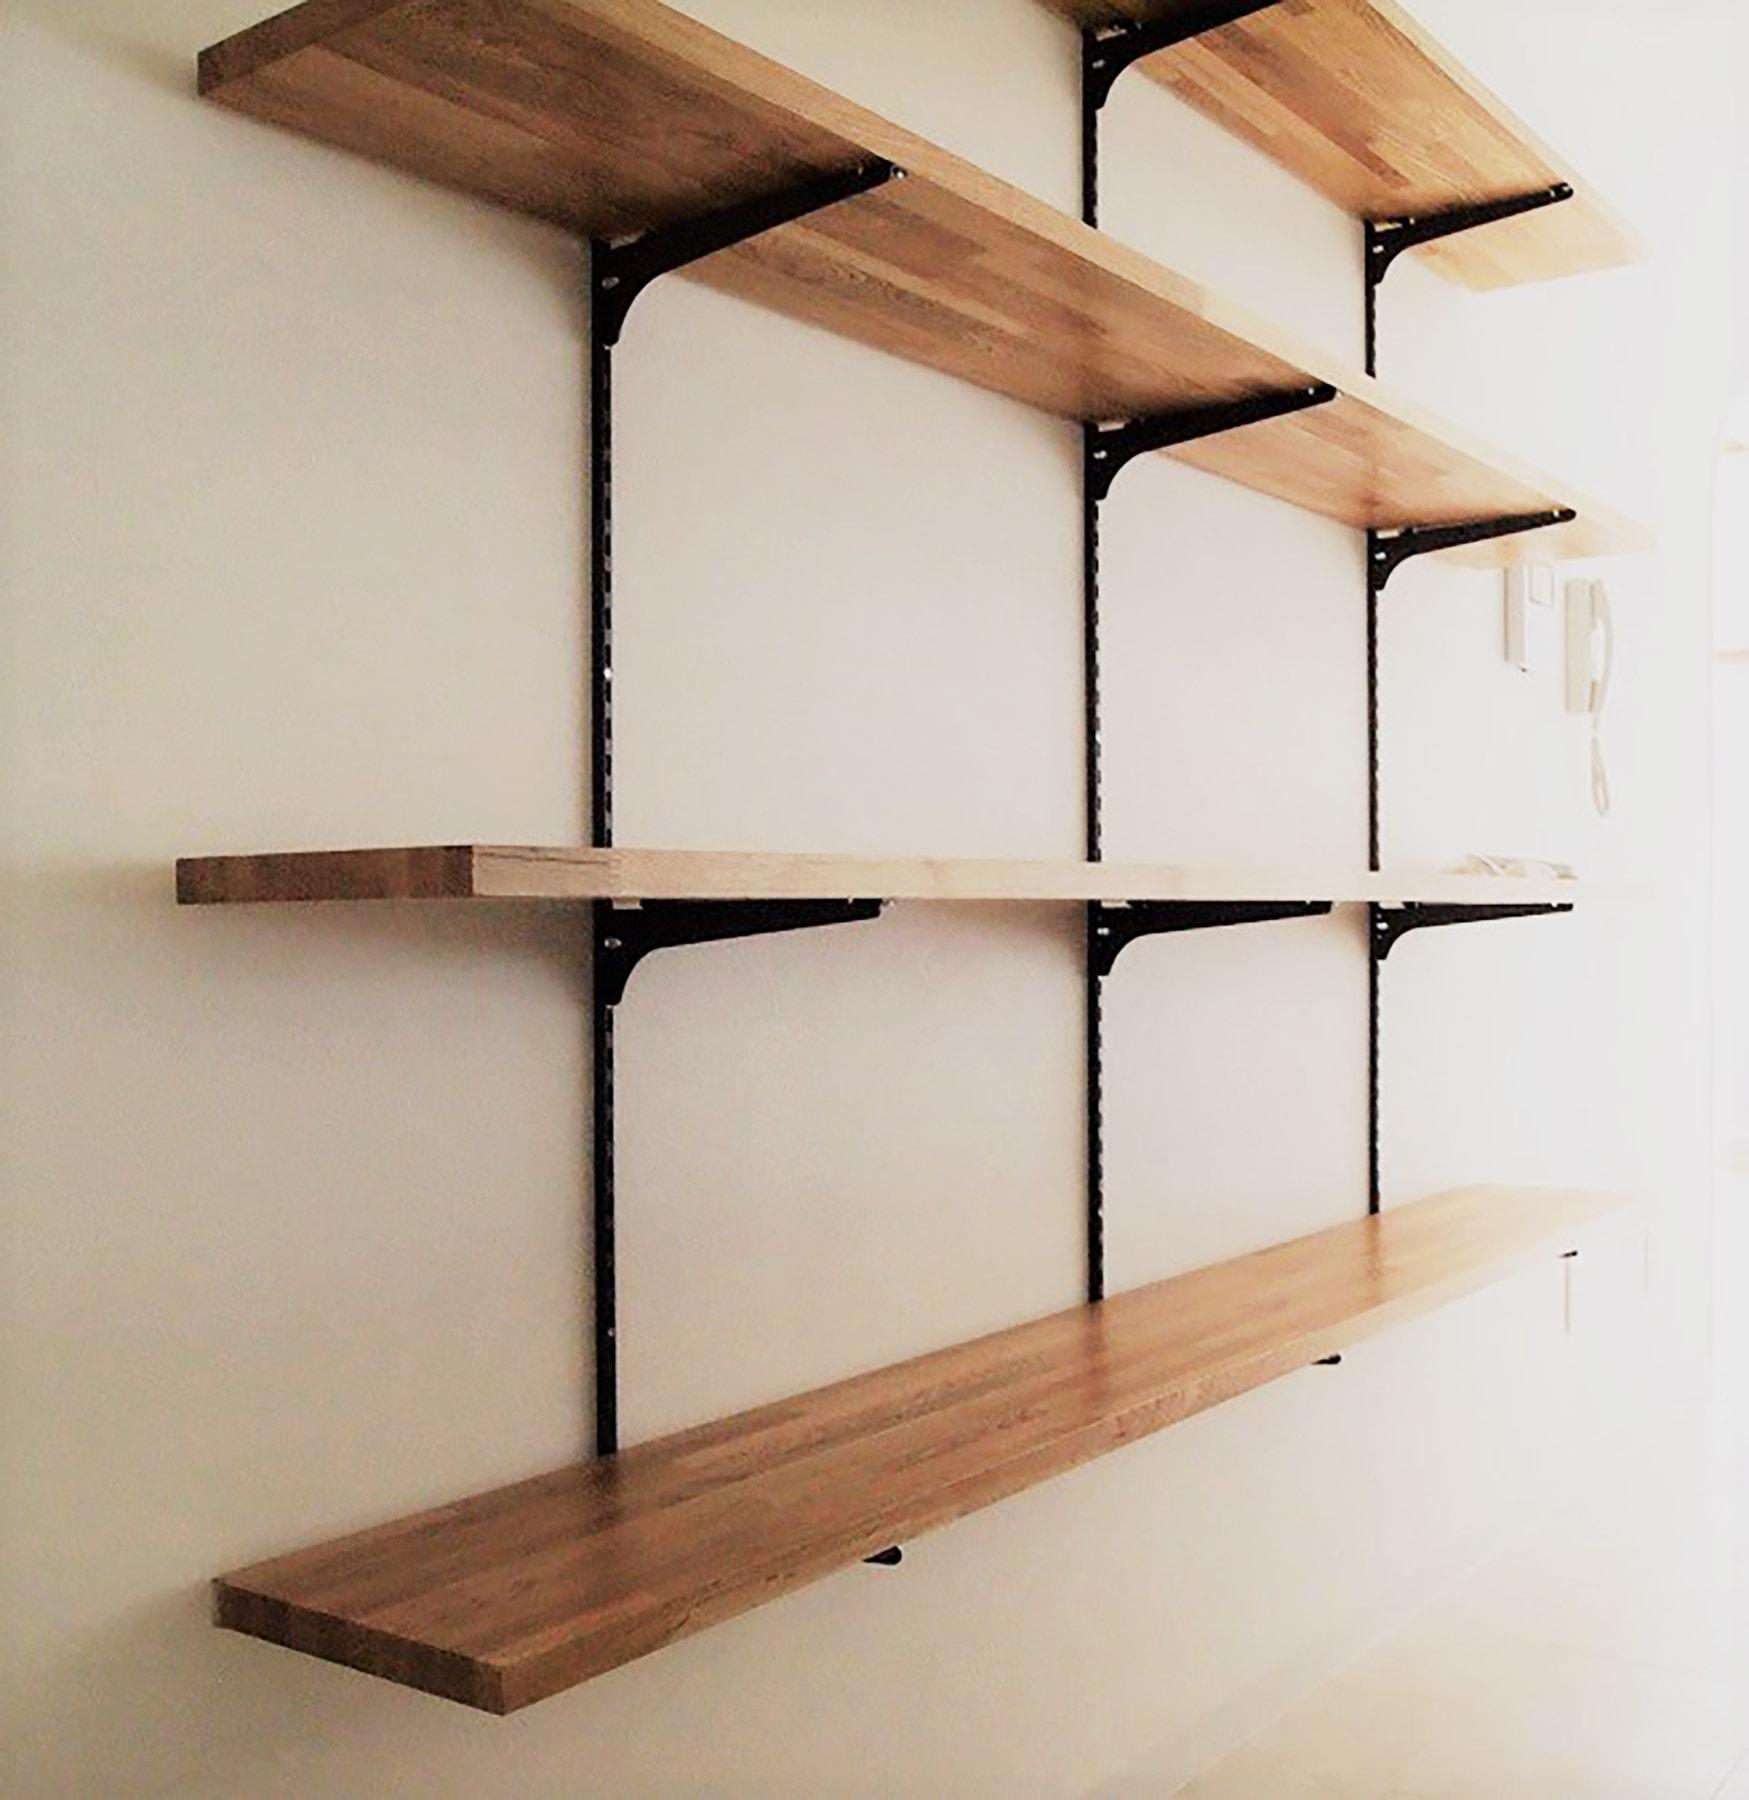 ~飾り棚プラン例~ 風合いのある足場板を使用した飾り棚設置(同一タイプ) 工事費25万